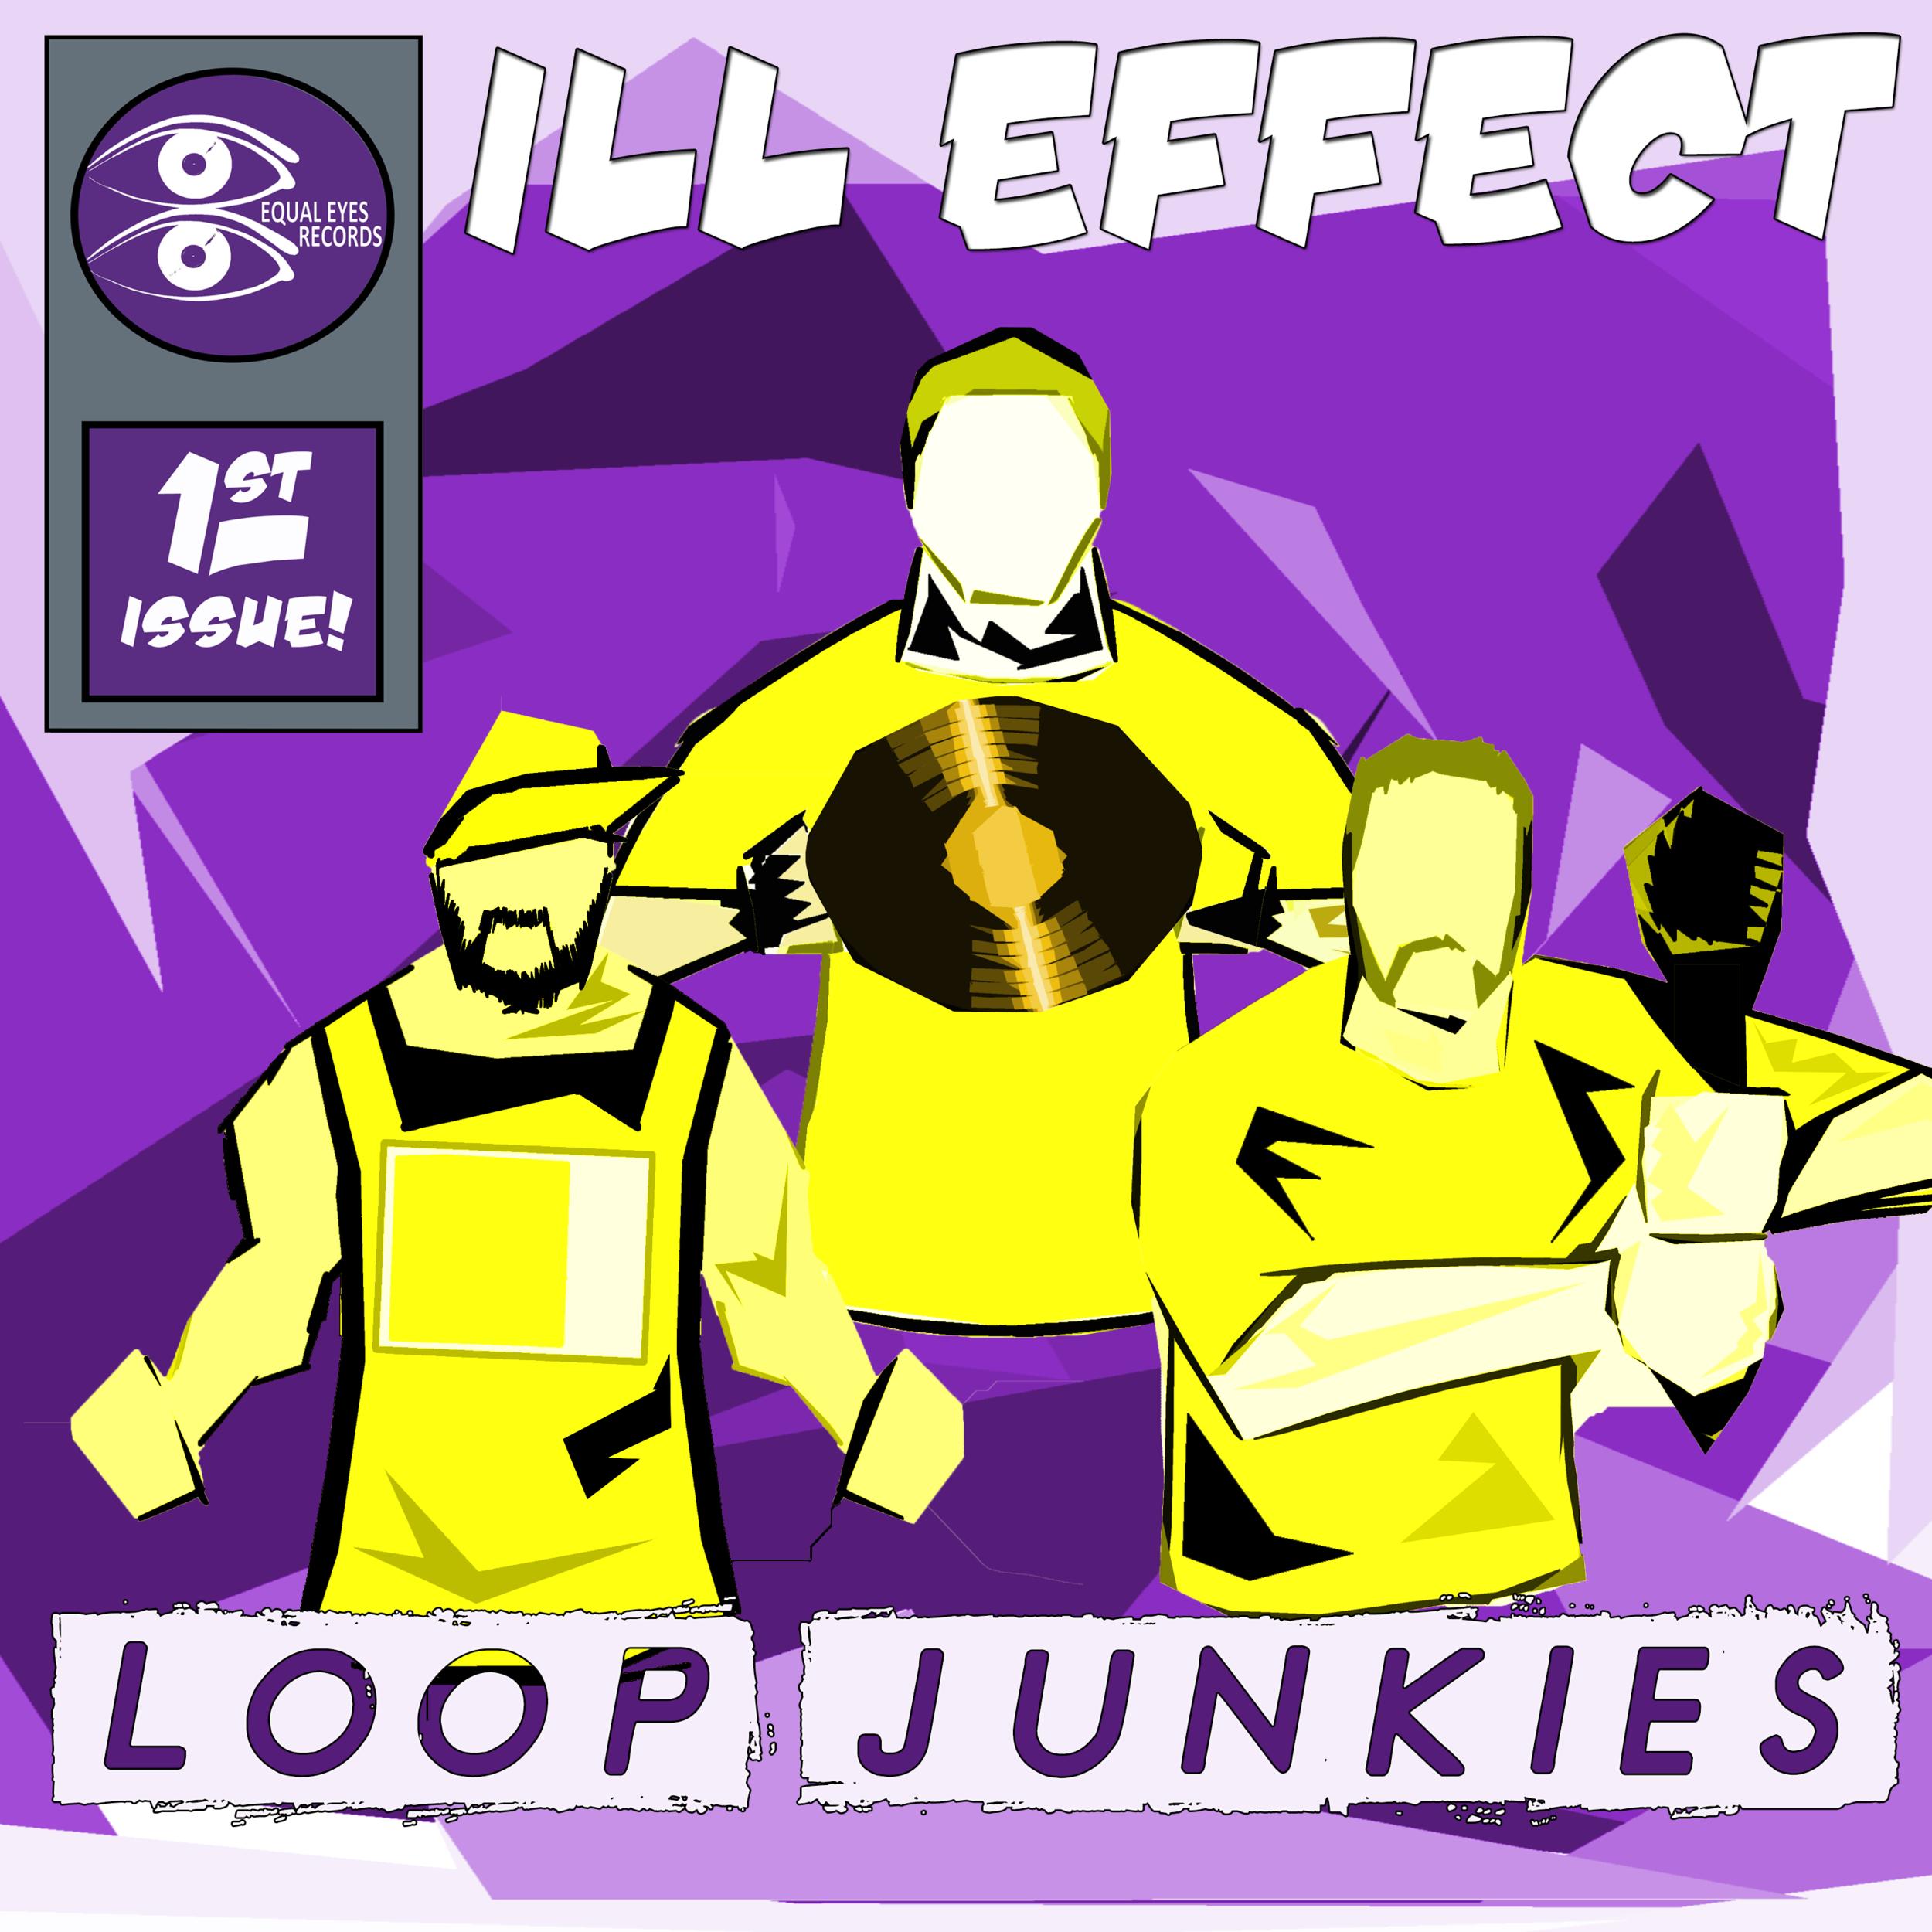 Loop Junkies - by ill effect